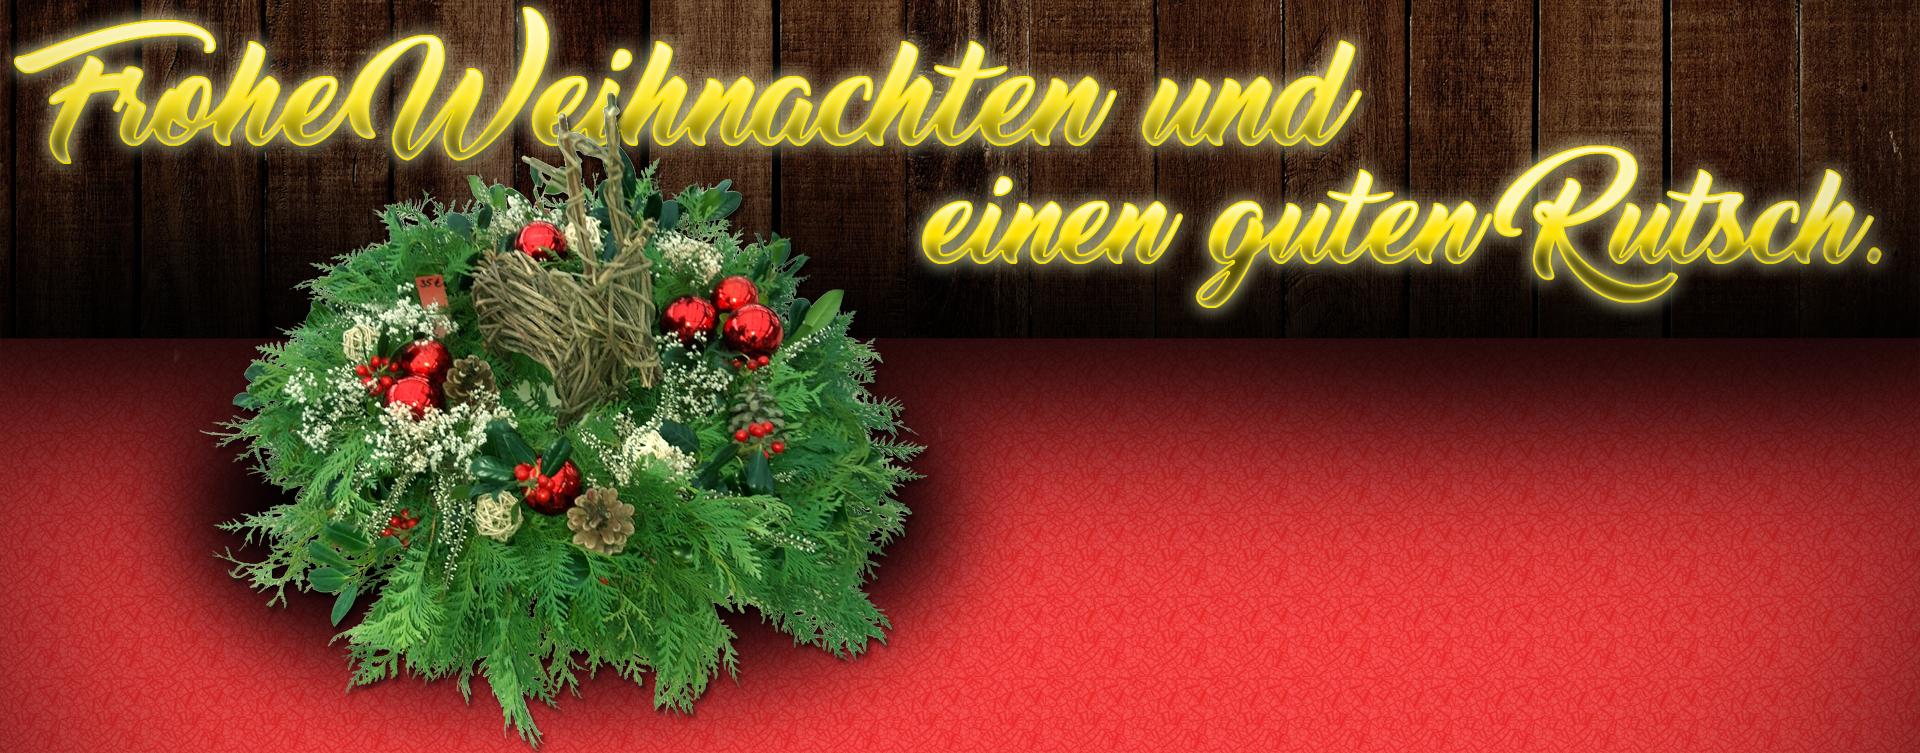 Wir wünschen Ihnen Frohe Weihnachten - Pirategrills